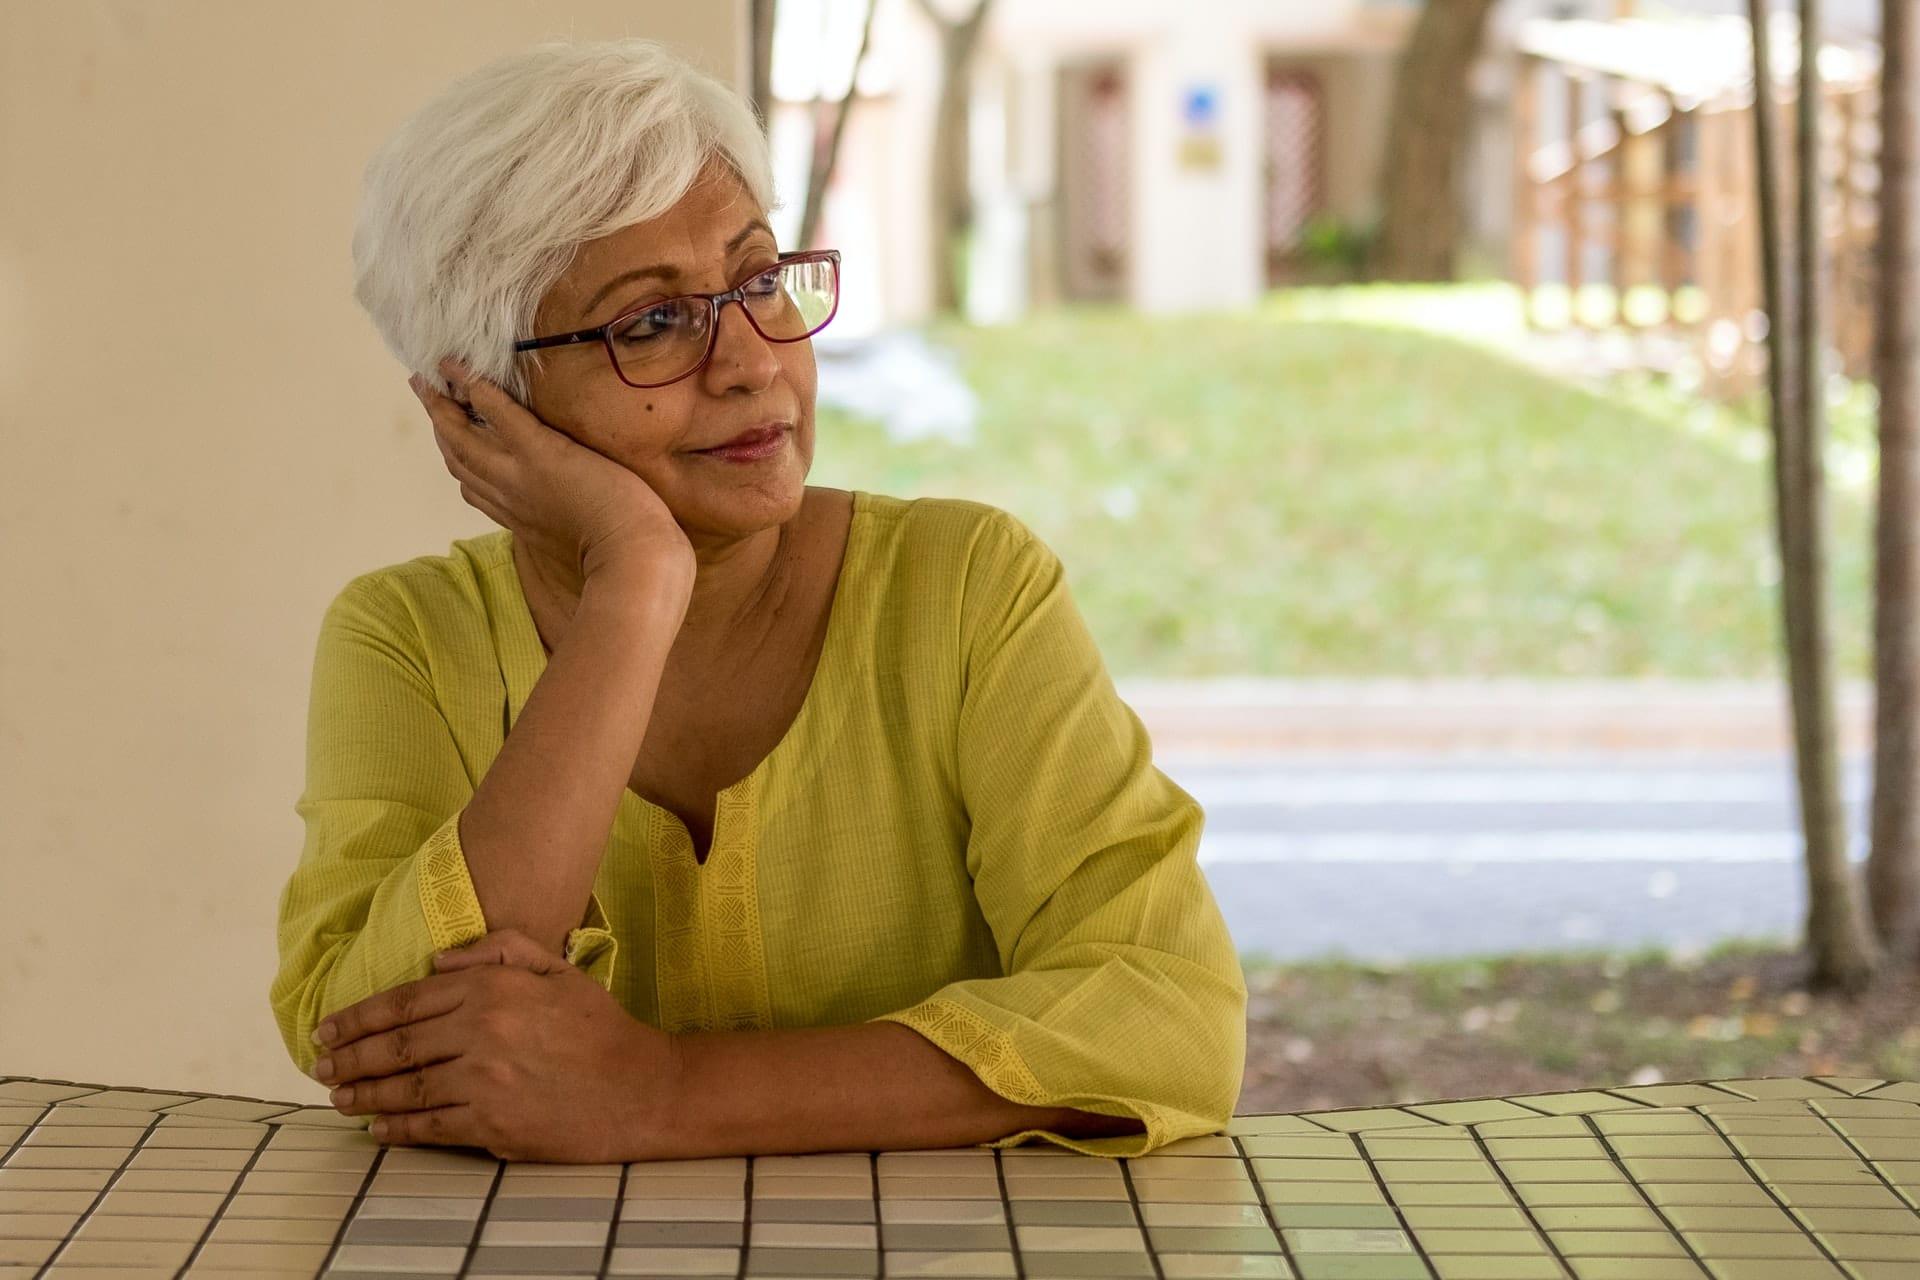 Nación Cannabis | ¿El cannabis alivia los síntomas de la menopausia?